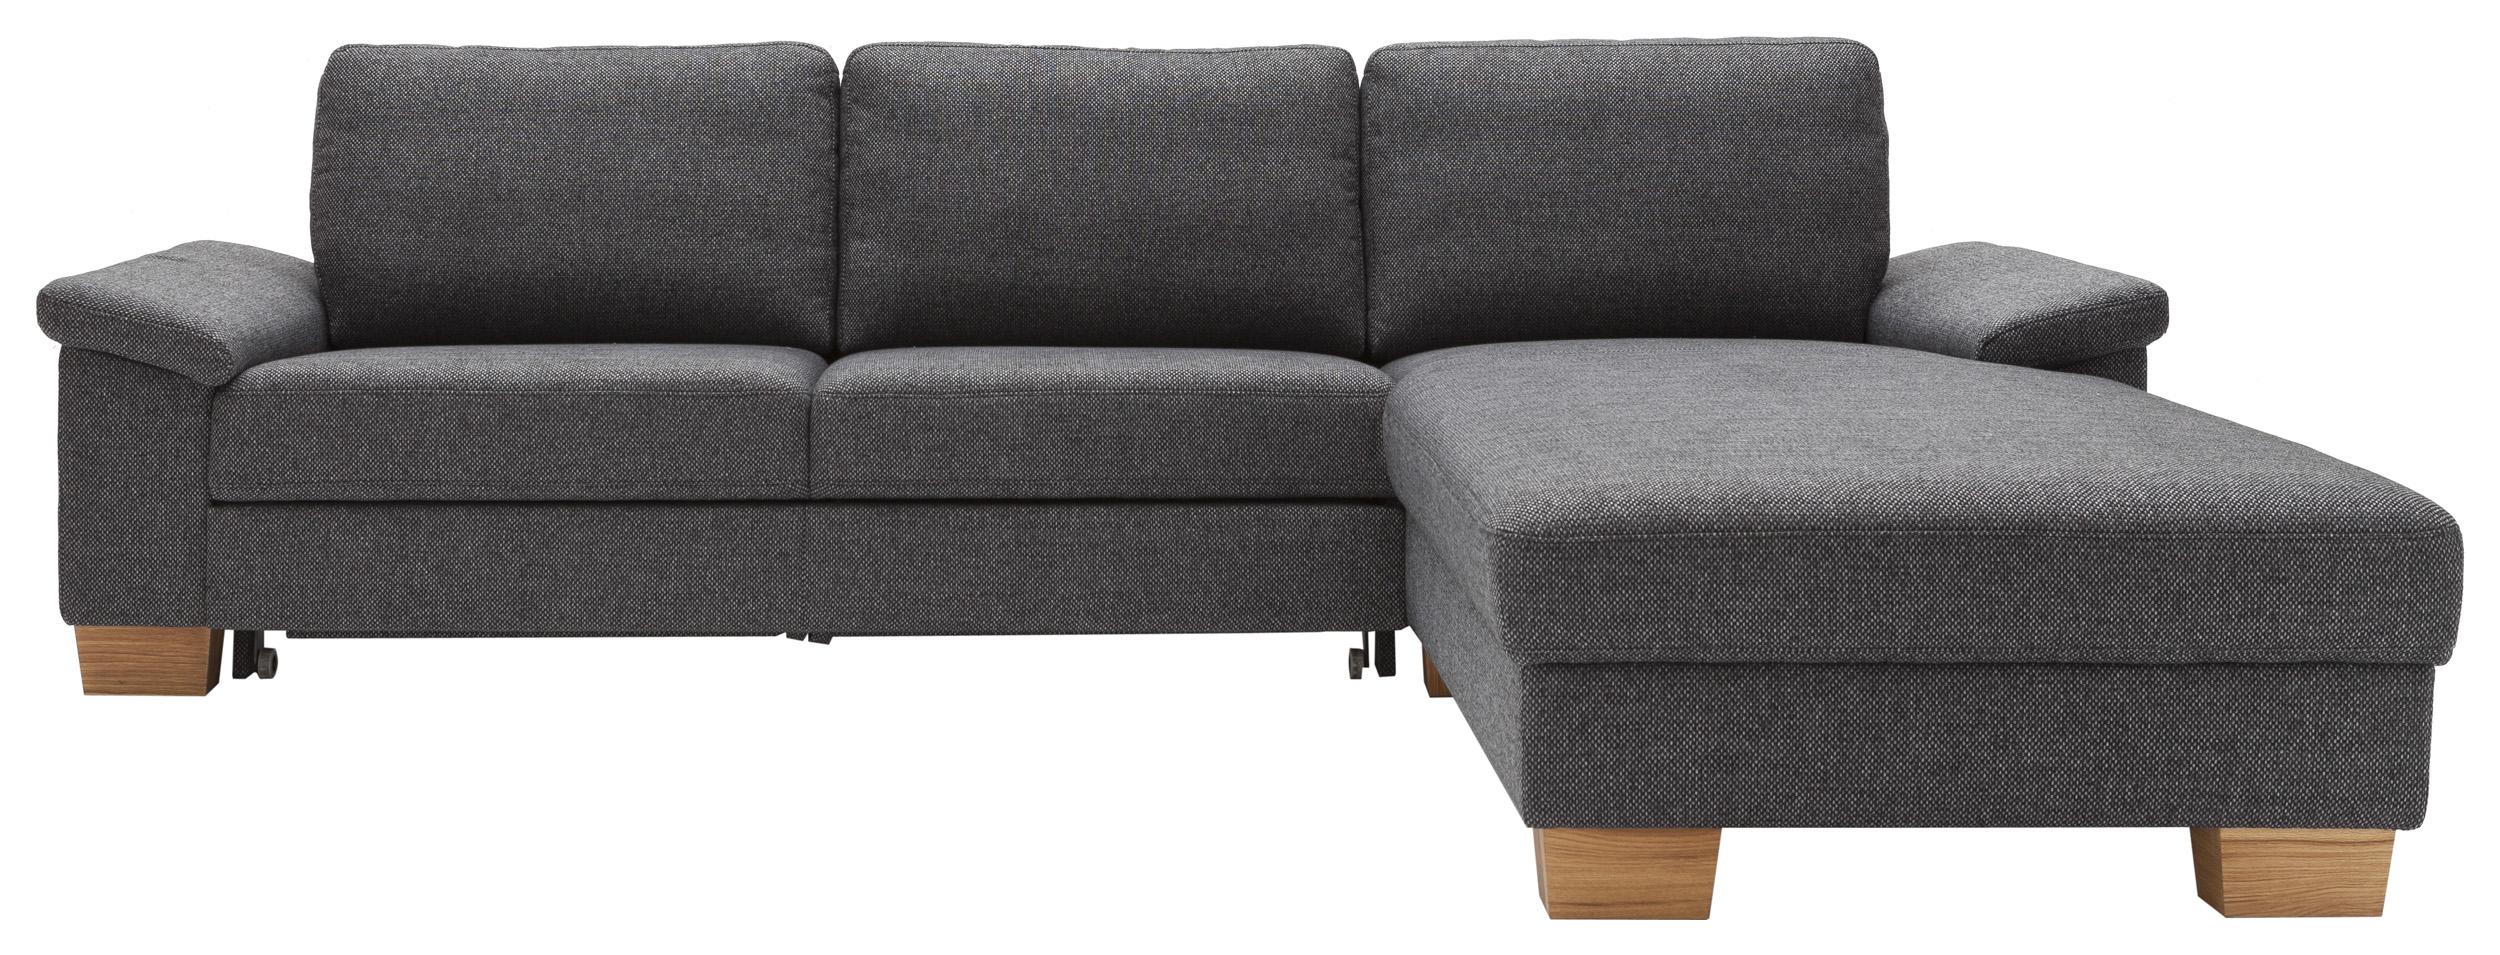 m belh user in meiner umgebung 3347 made house decor. Black Bedroom Furniture Sets. Home Design Ideas